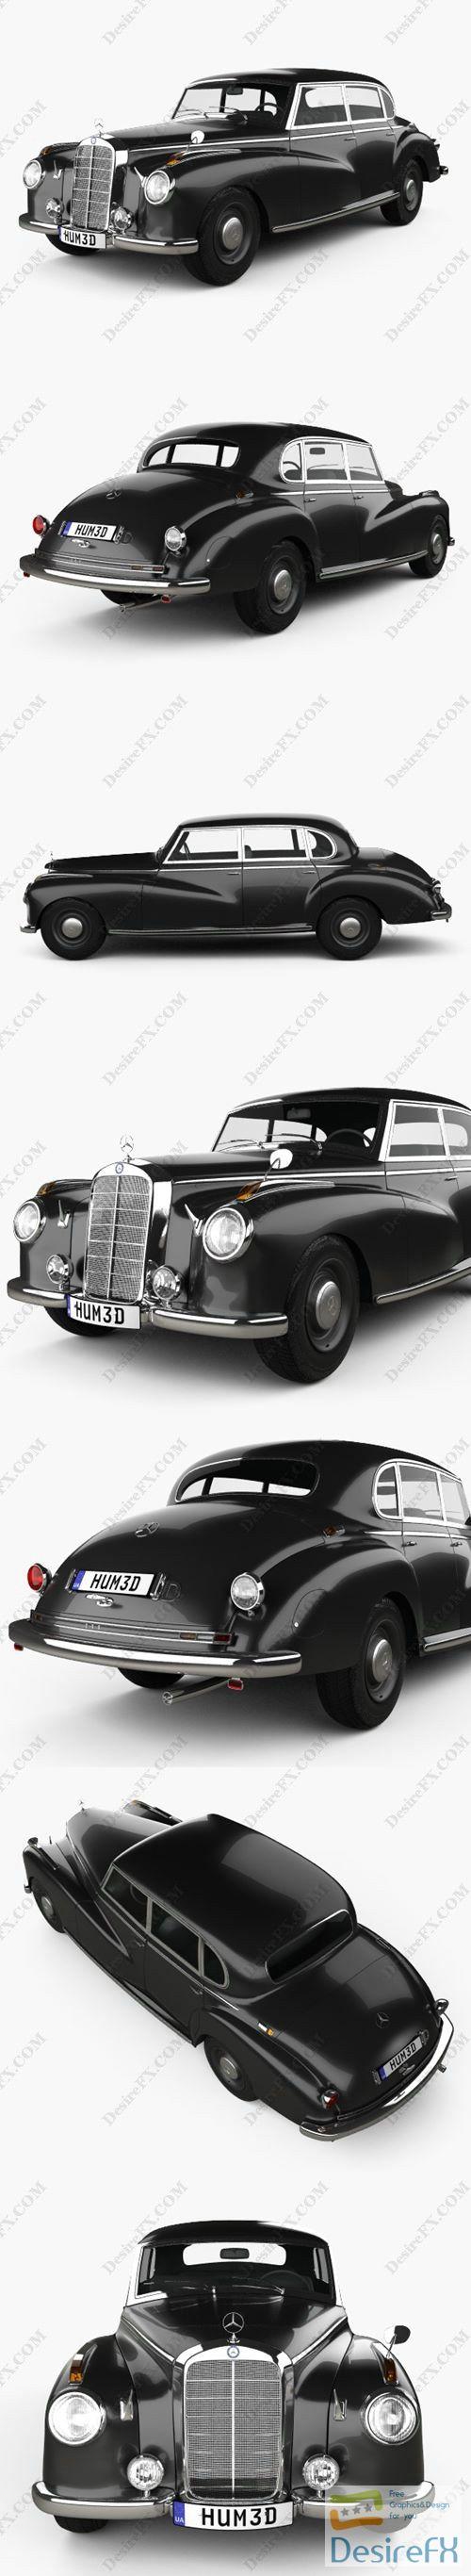 Mercedes-Benz 300 Limousine 1951 3D Model